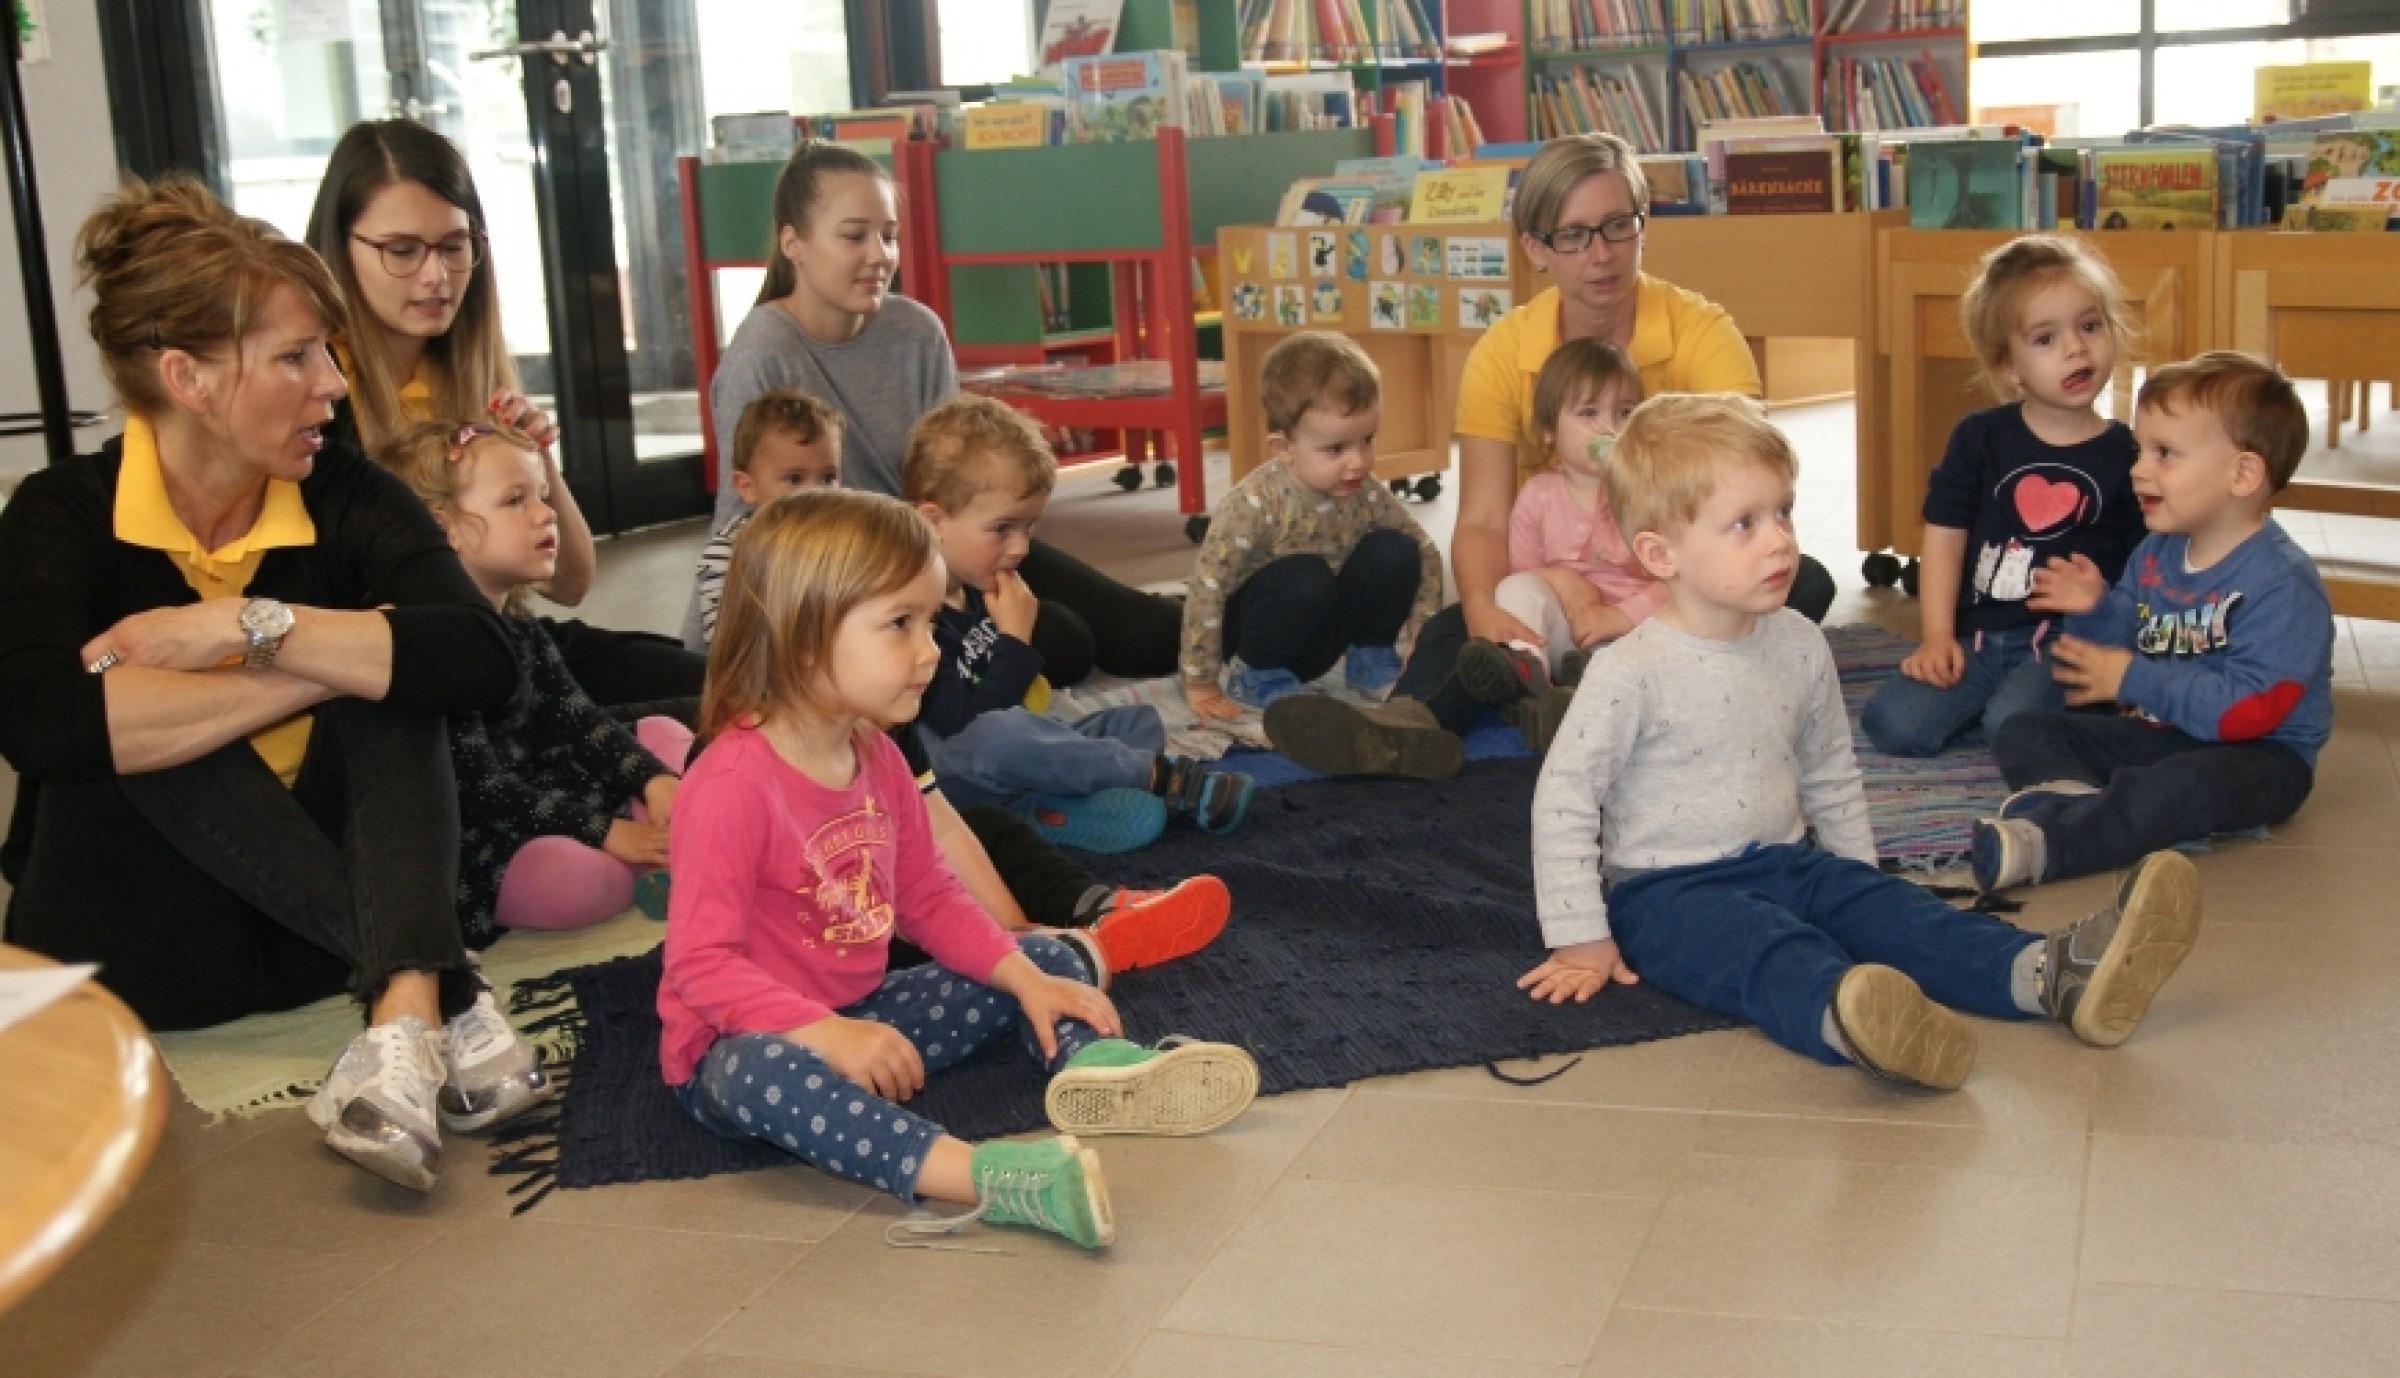 2018 – Kinderkrippenkinder und die Bibliothek